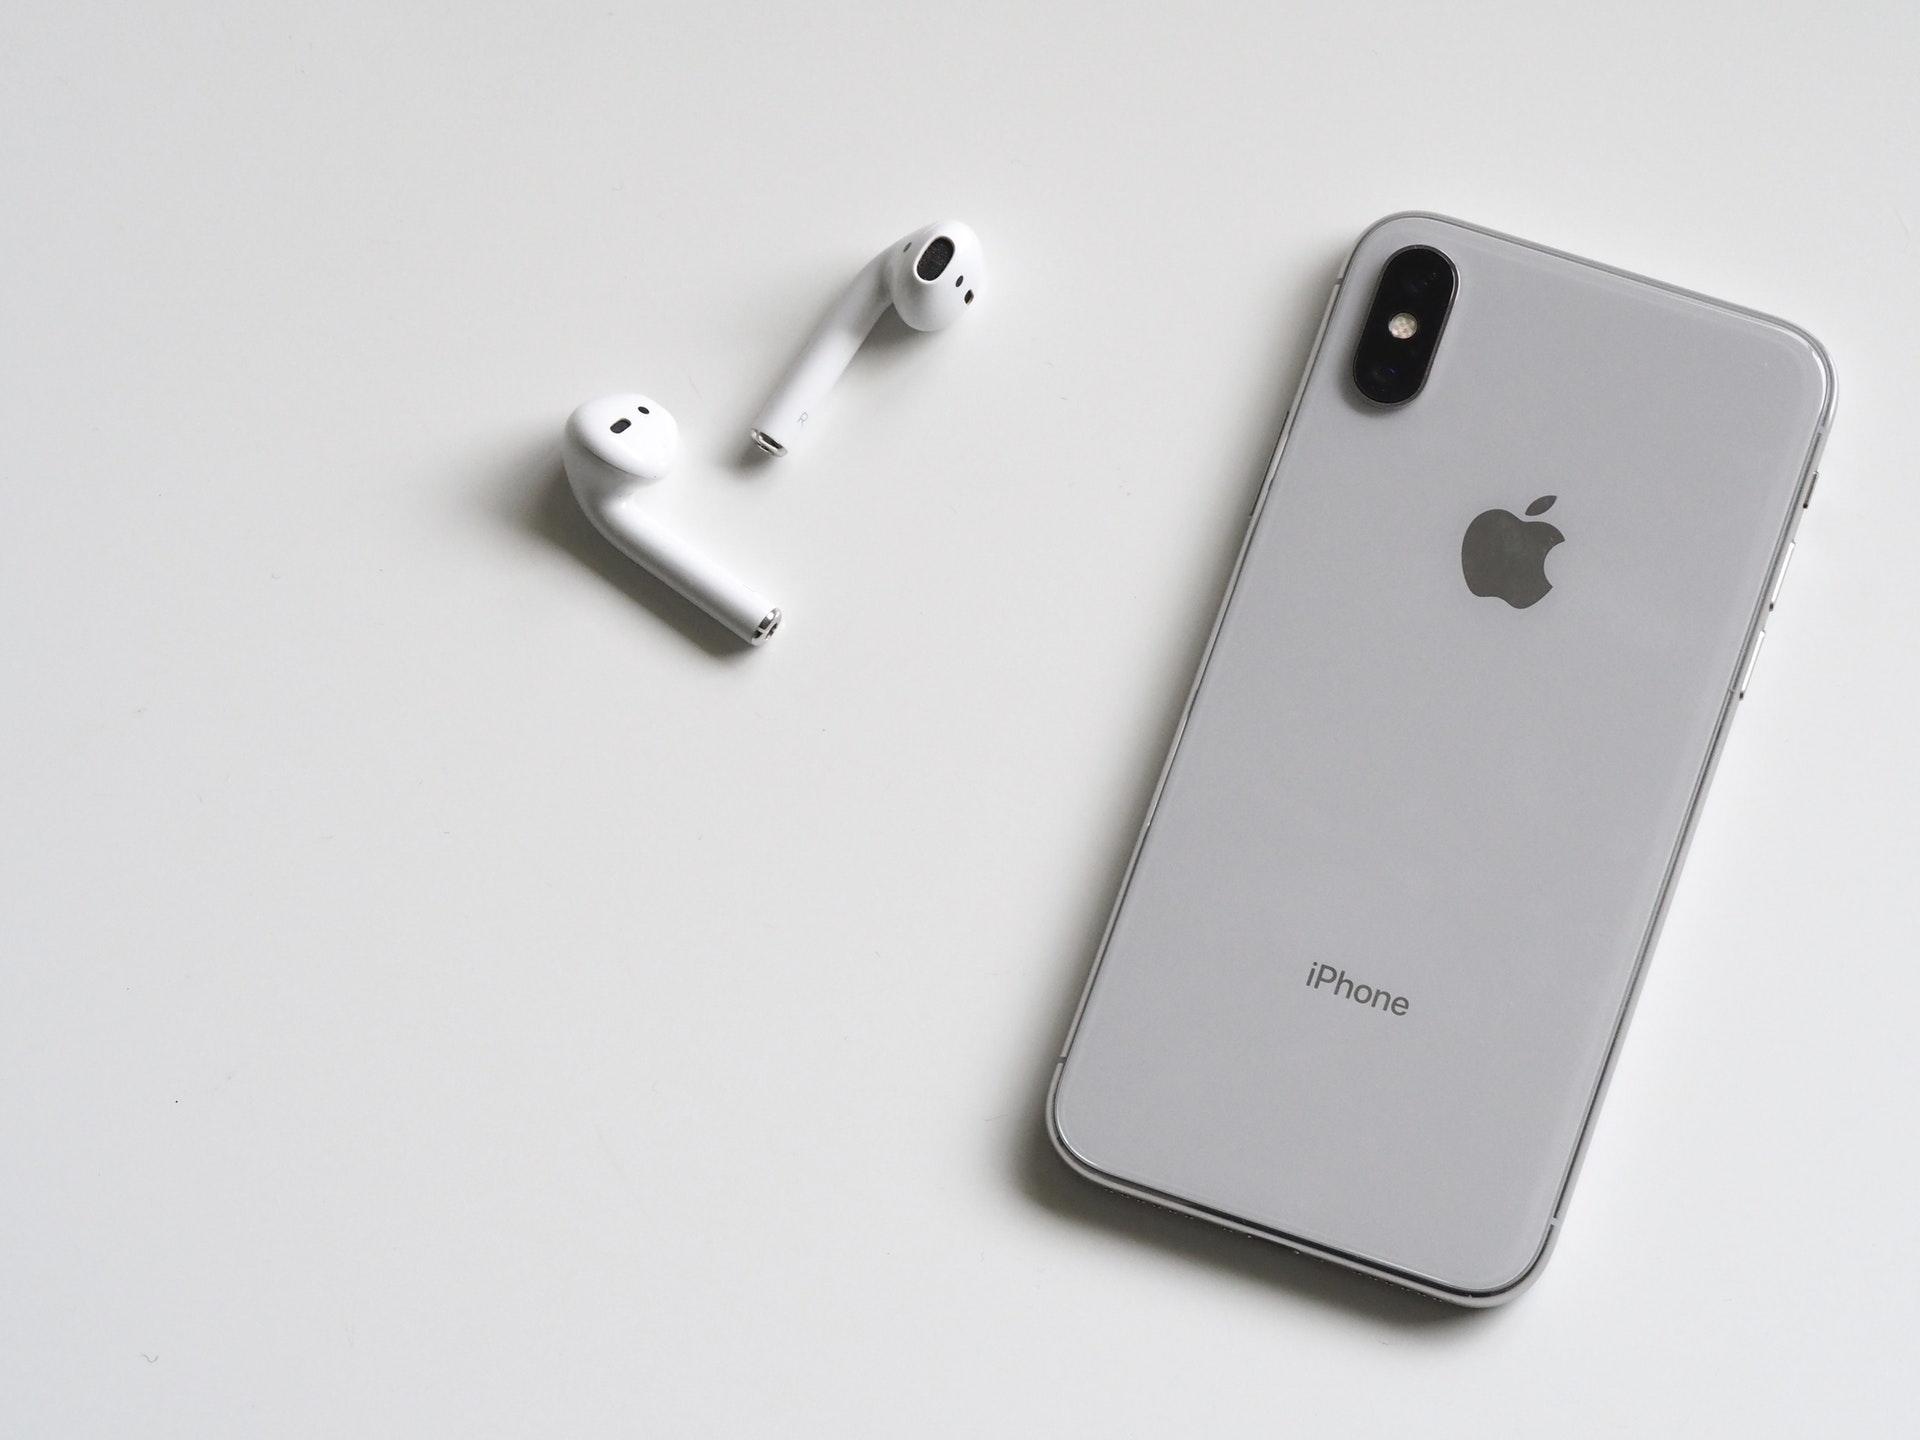 auでiPhoneXRの予約や購入する方法|予約開始日と料金プラン